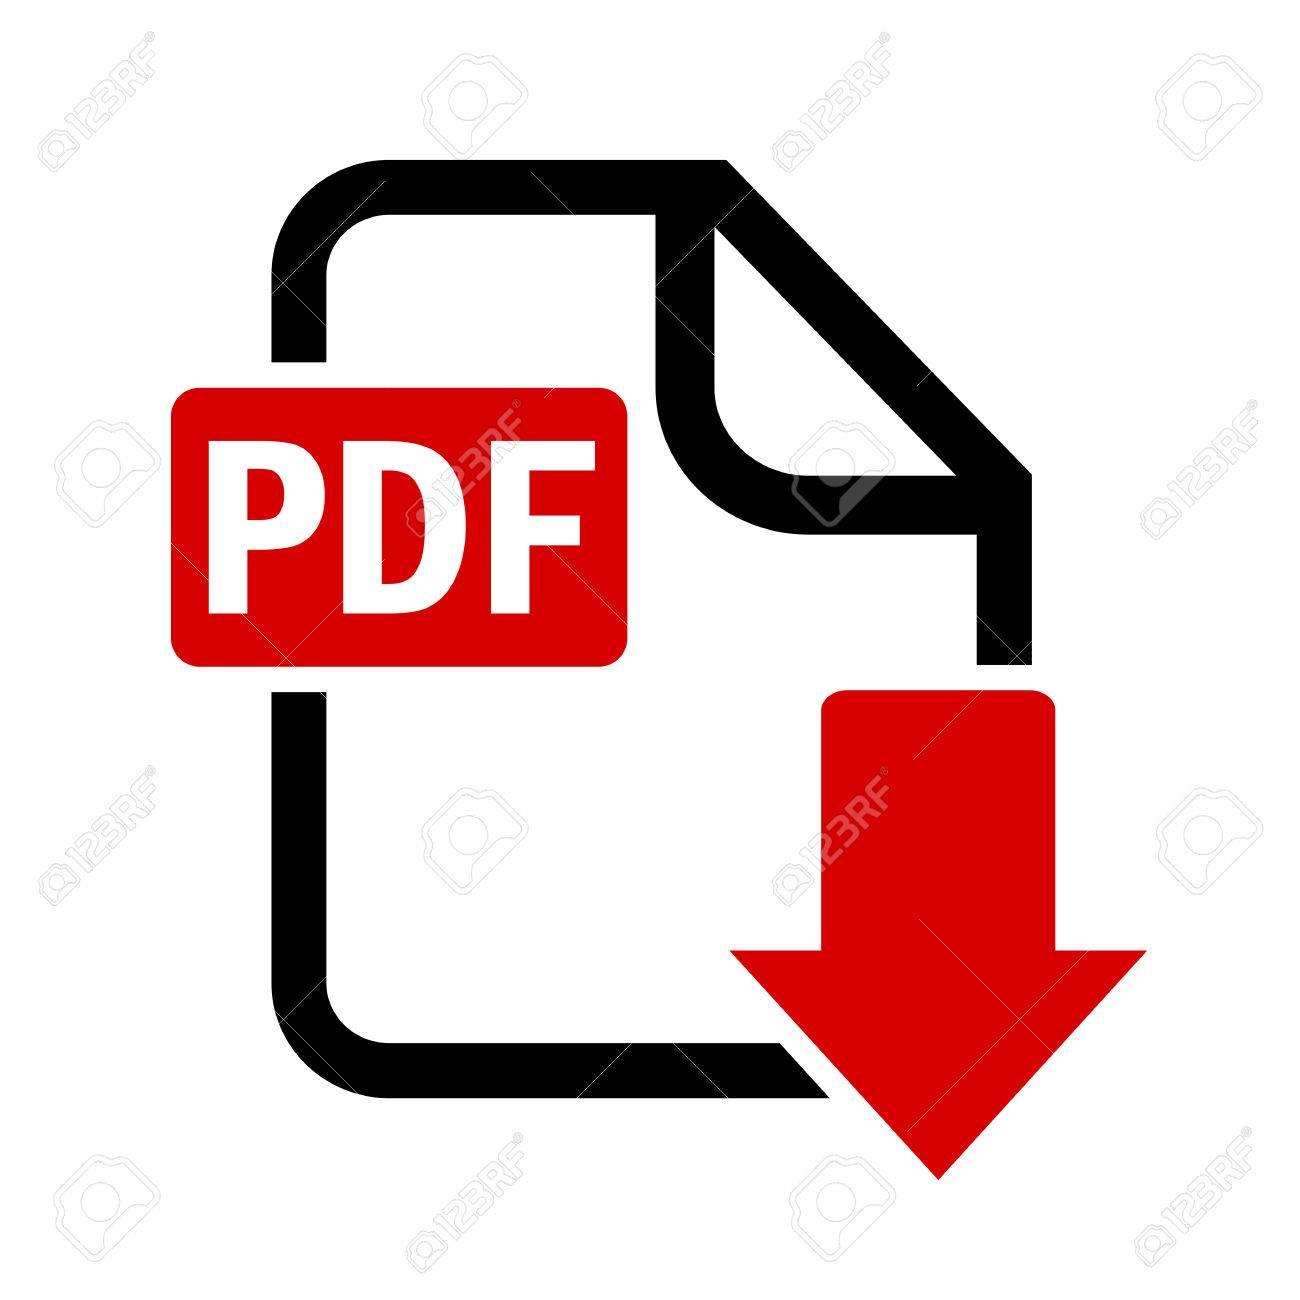 icone_pdf.jpg